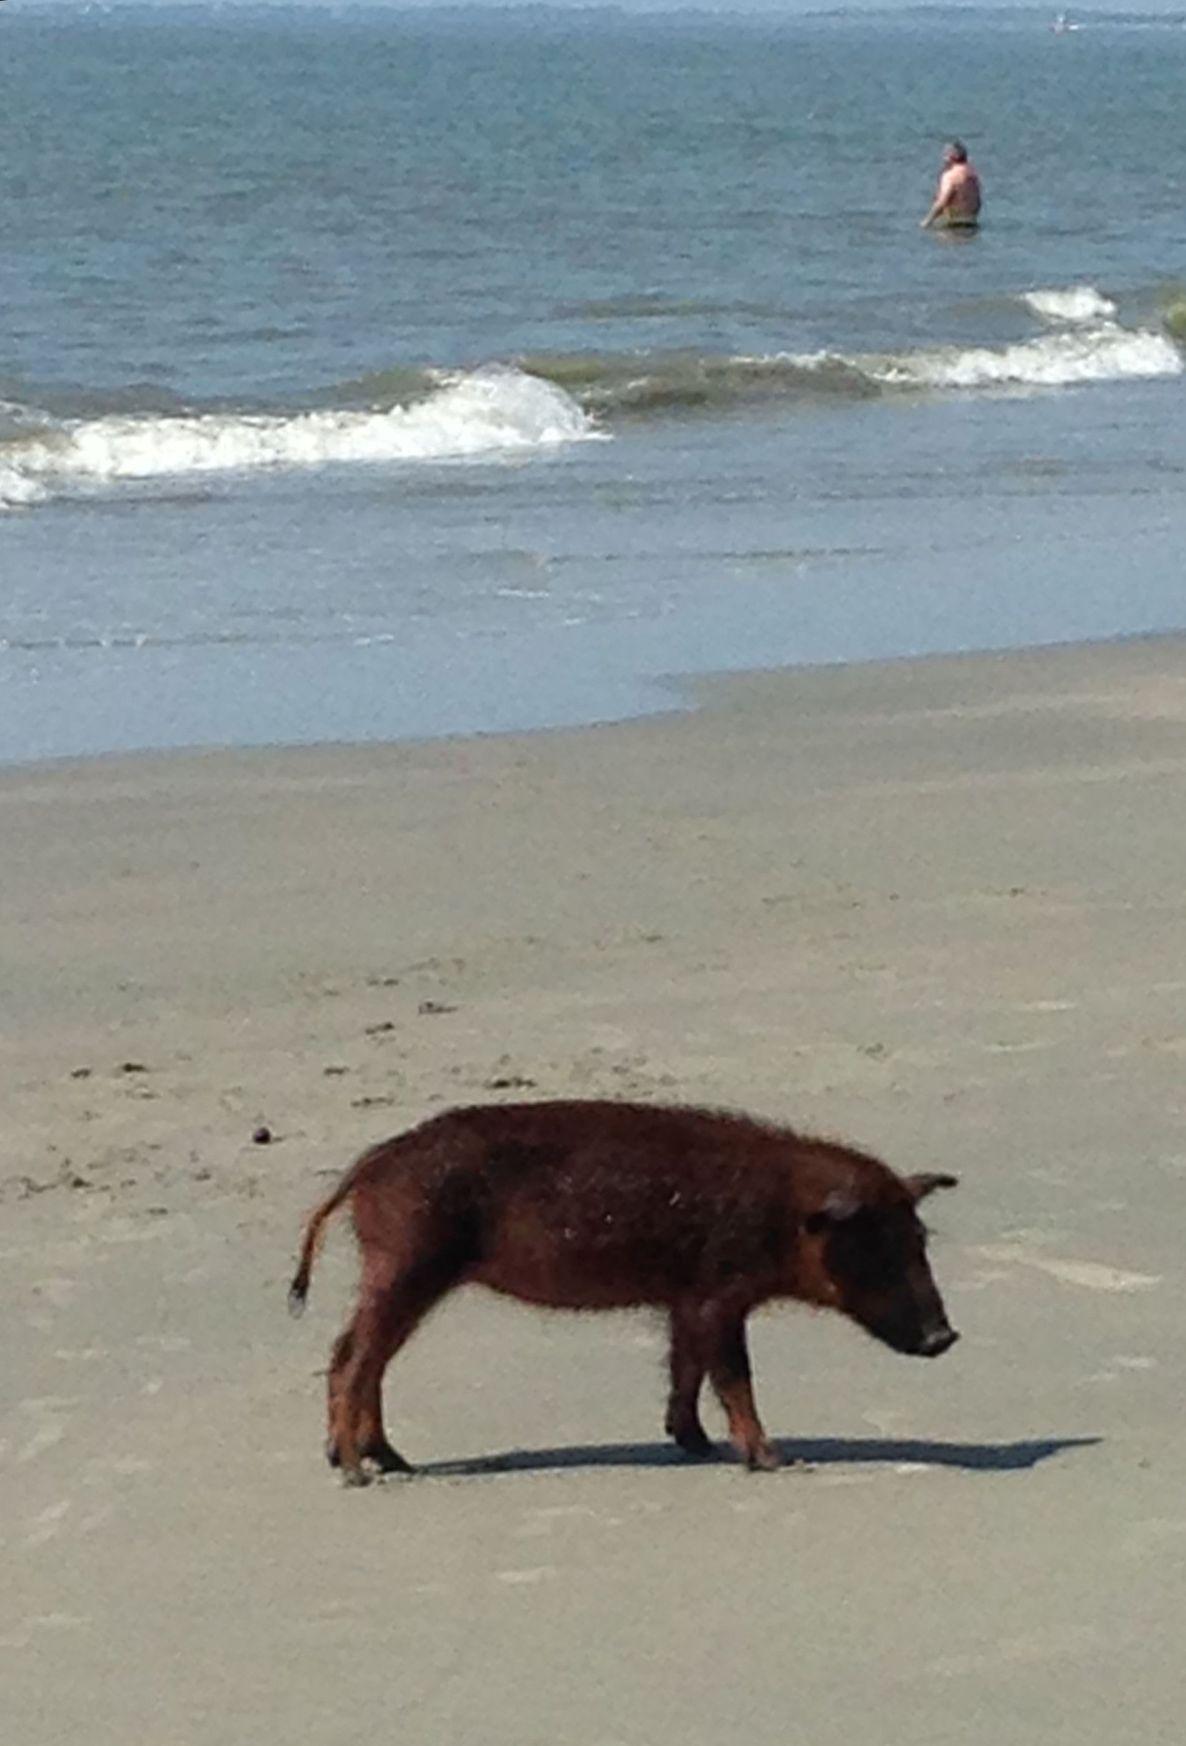 Final destination of wild pig in surf still secret